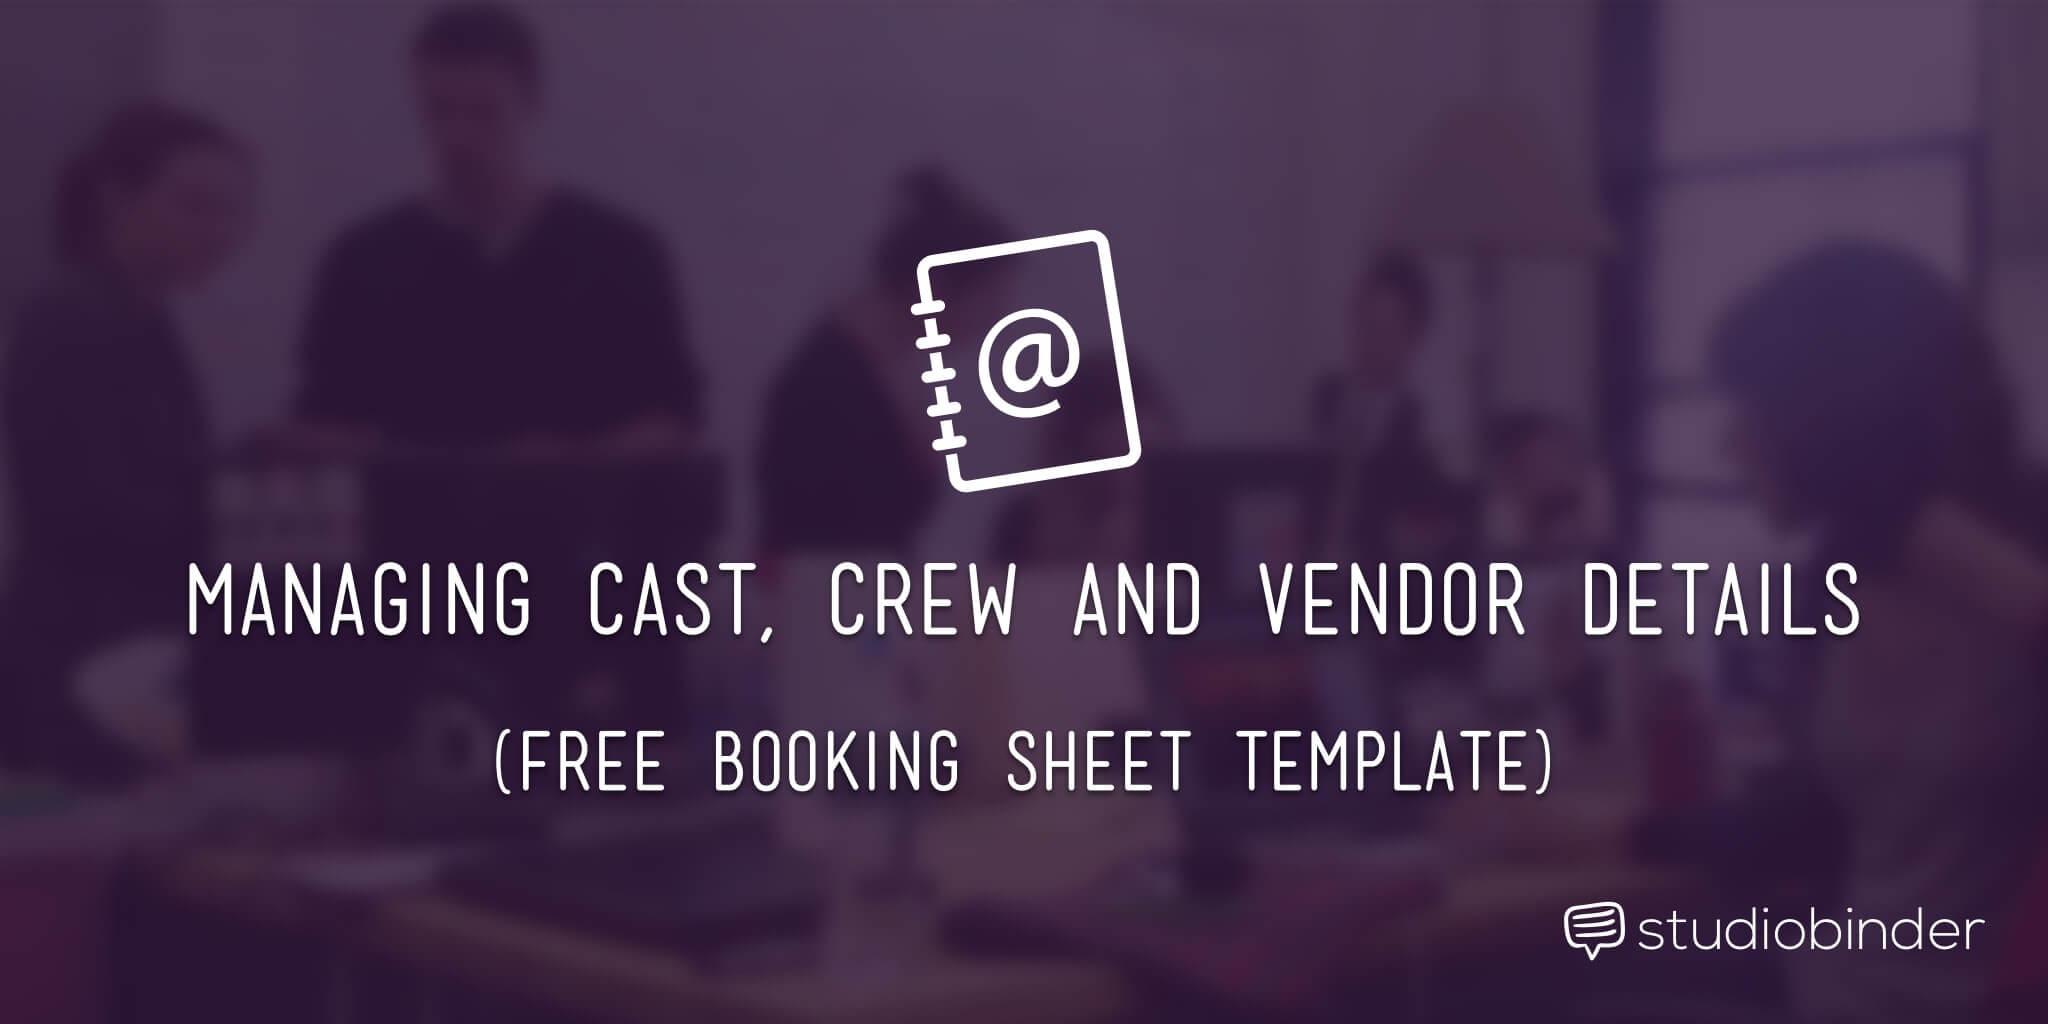 A Better Film Crew List Template & Booking Sheet - StudioBInder